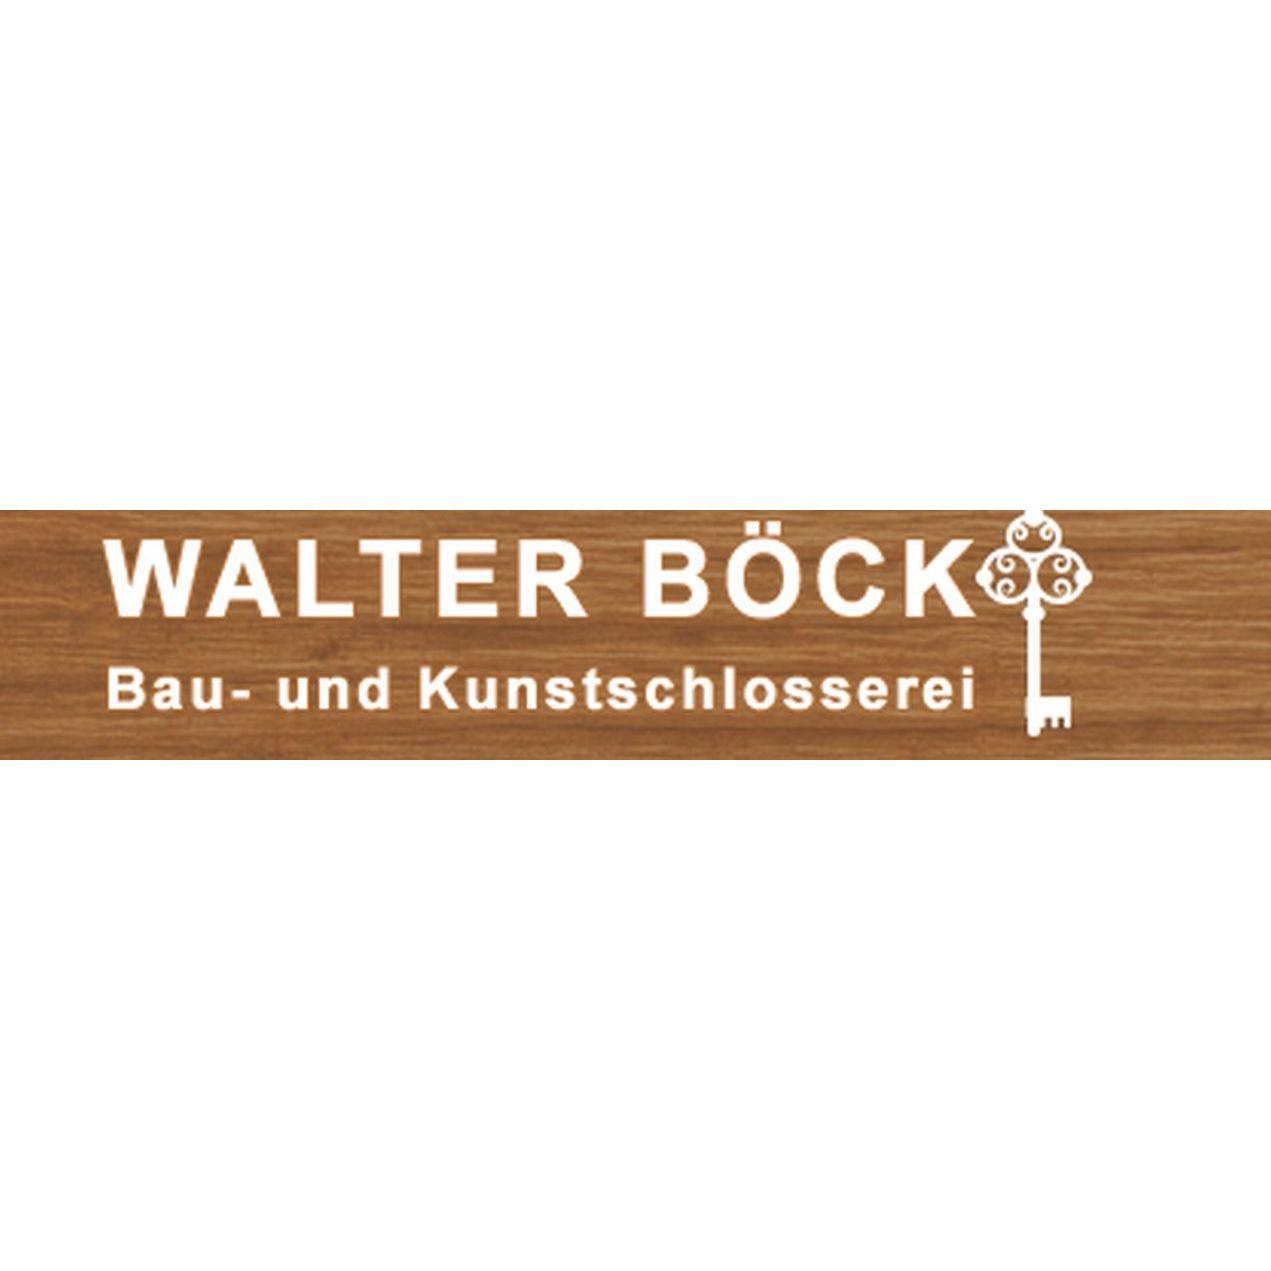 Walter Böck